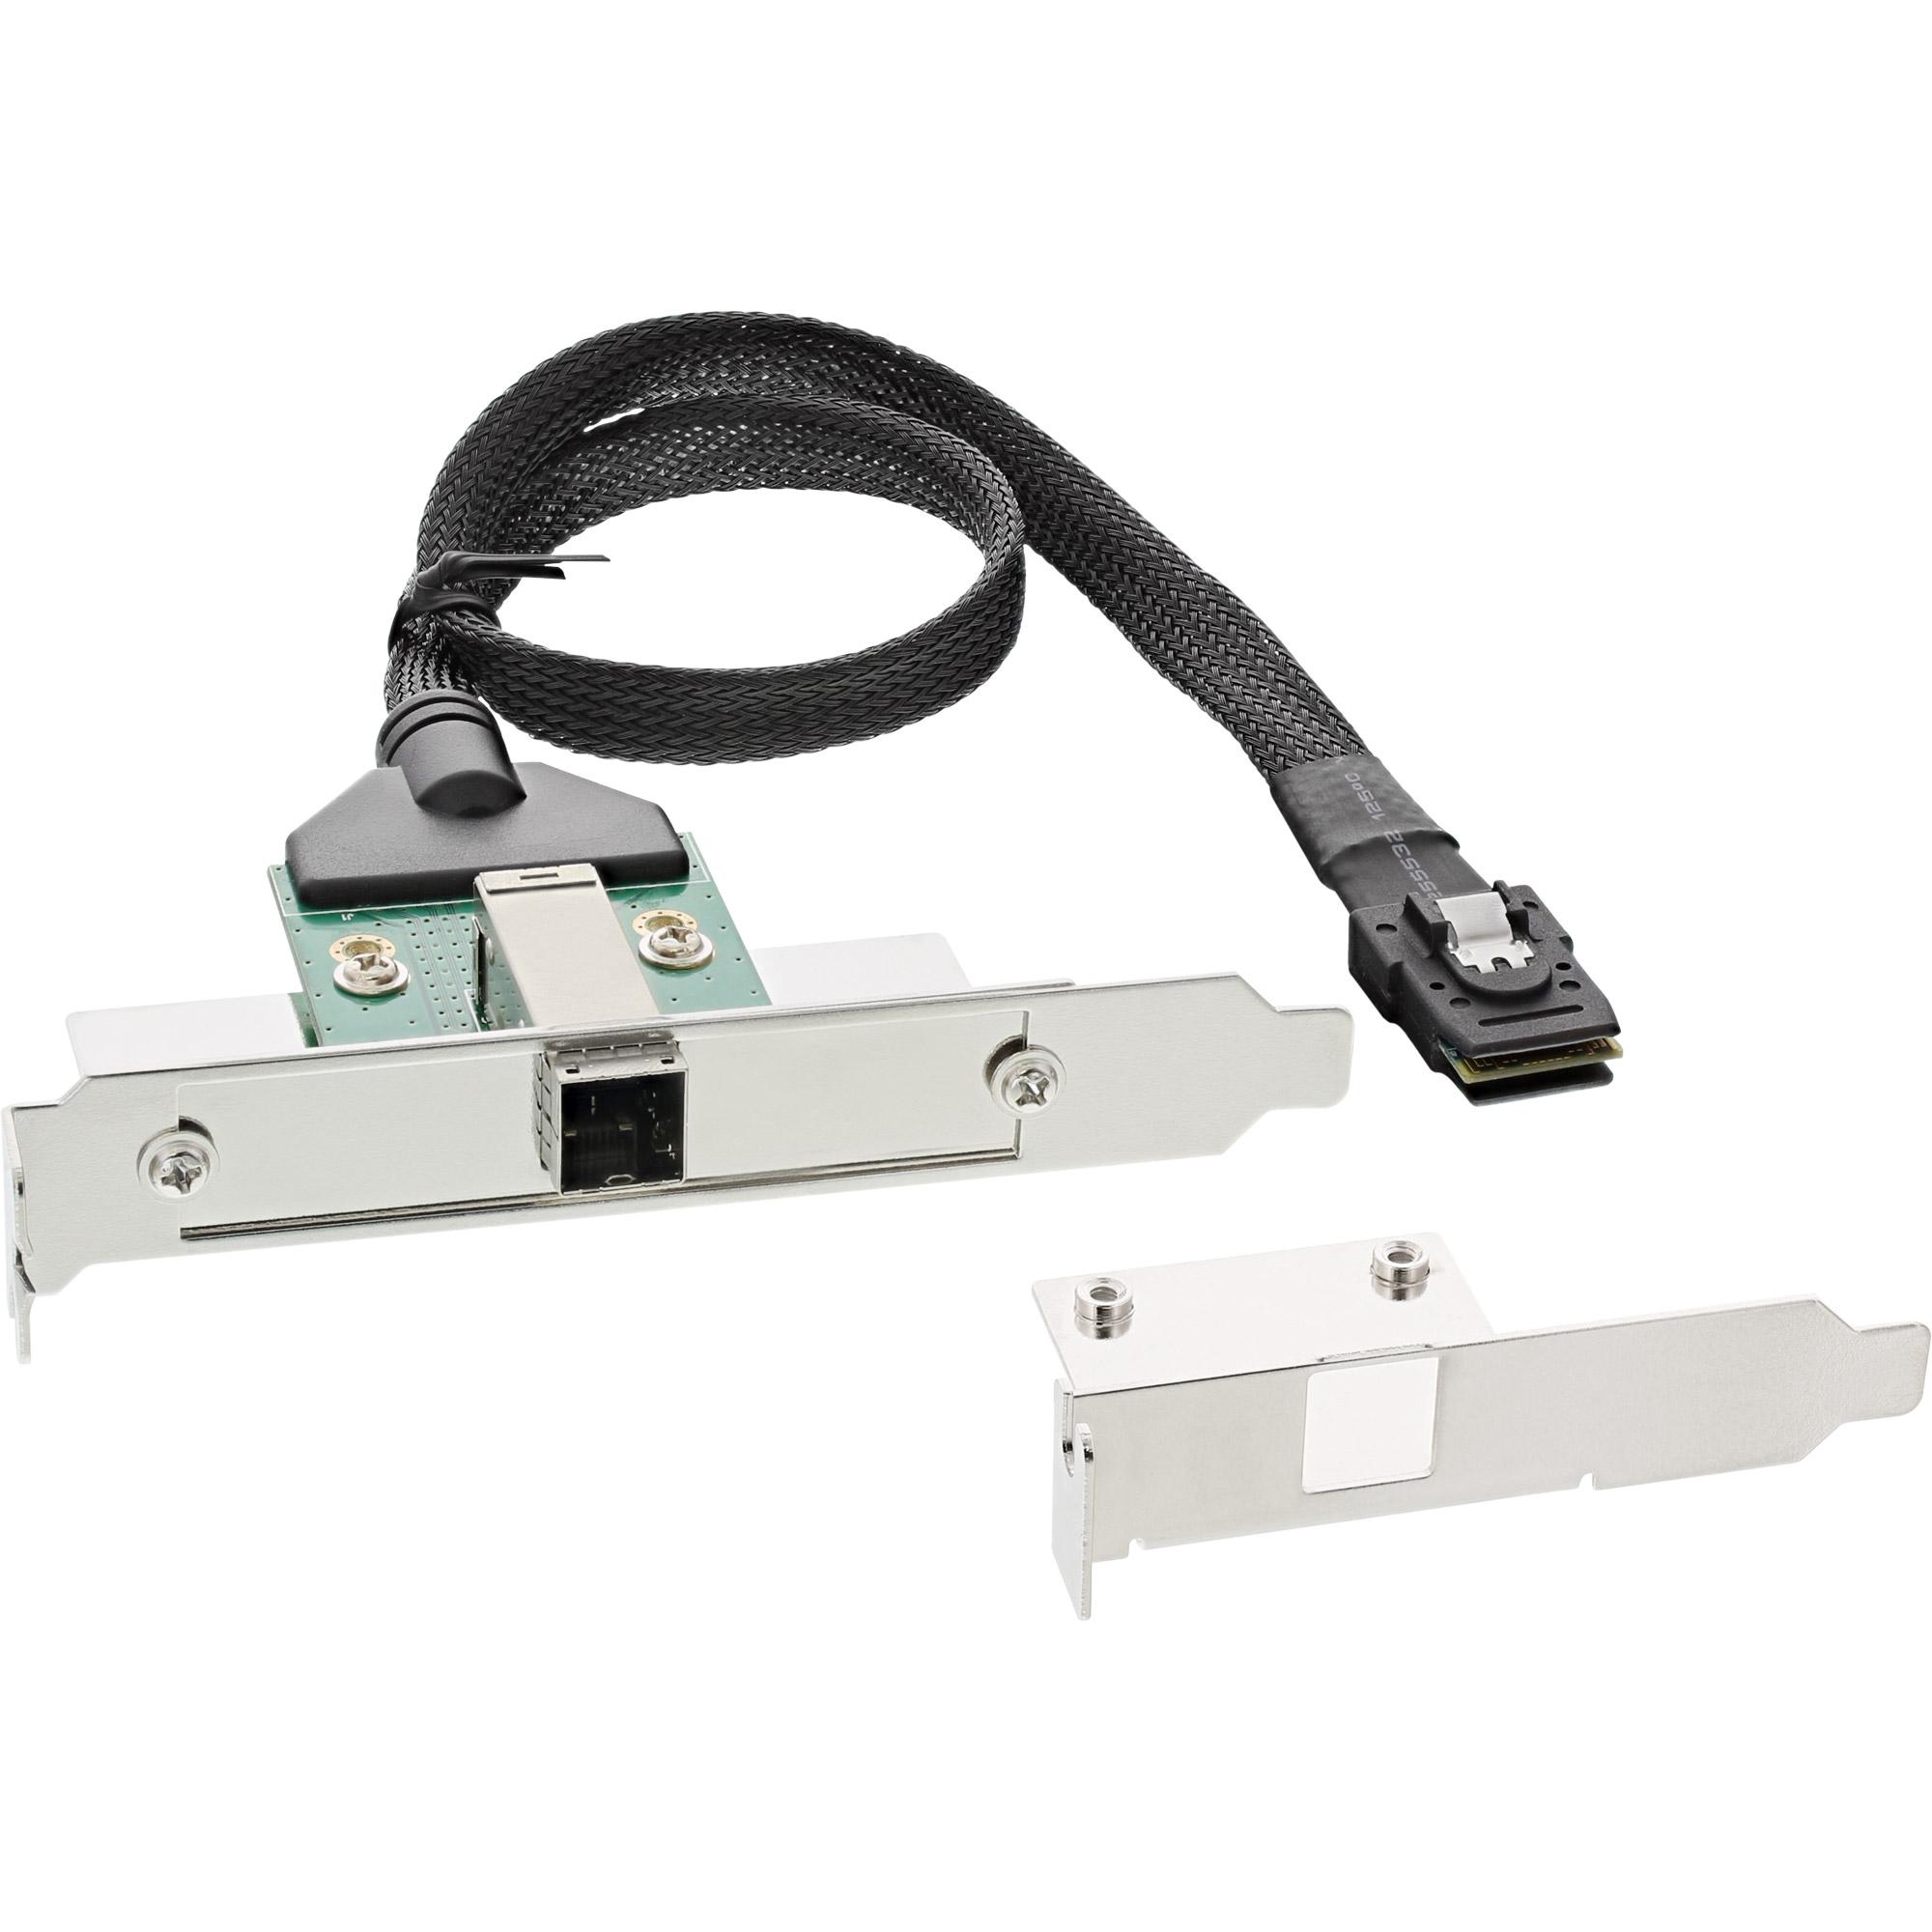 InLine® SAS HD Slotblech PCI + 50p Centr., mit Kabel, ext. SFF-8644 auf int. SFF-8087, 0,5m